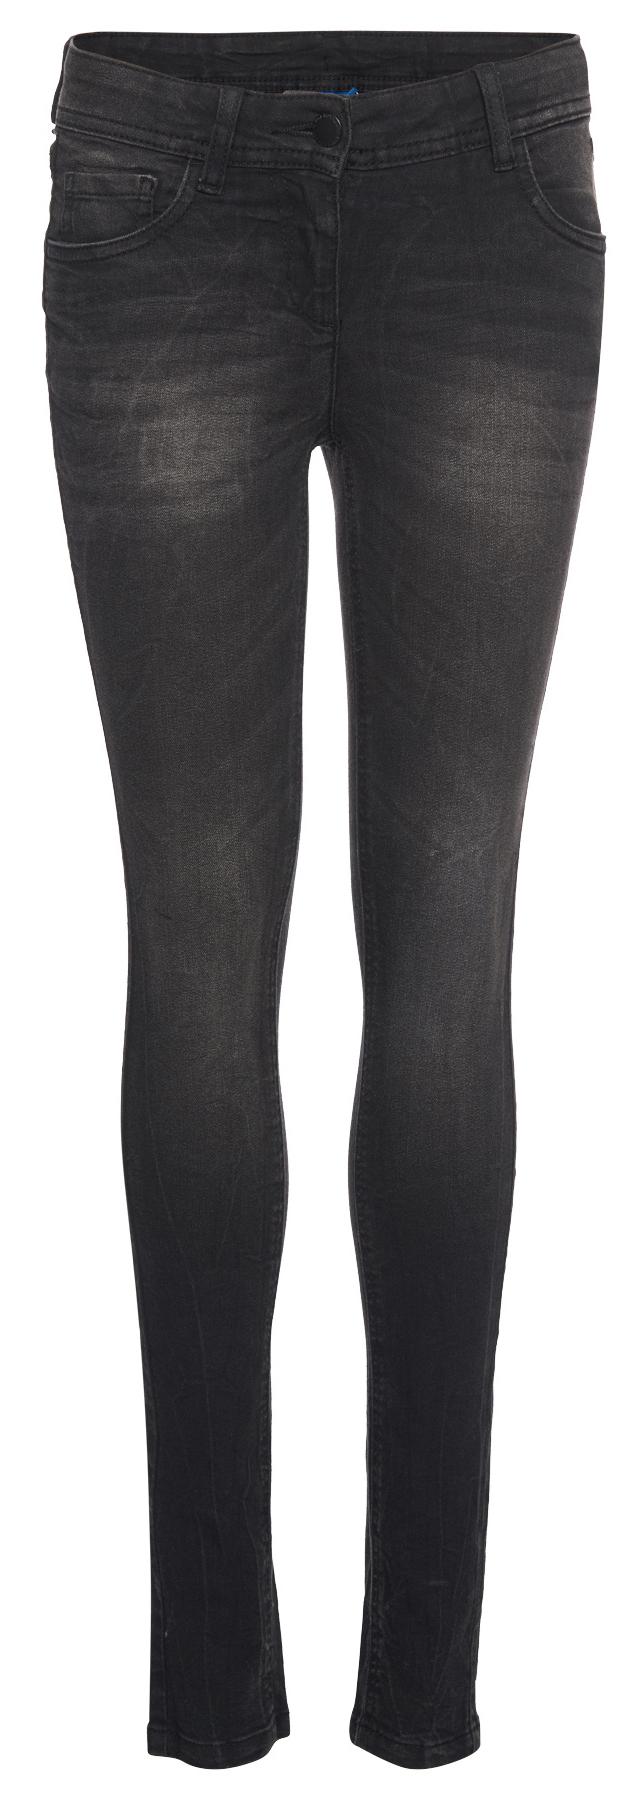 Джинсы для девочки Tom Tailor, цвет: черный. 6205769.09.40. Размер 134 джинсы для девочки tom tailor цвет синий 6205466 00 81 1094 размер 122